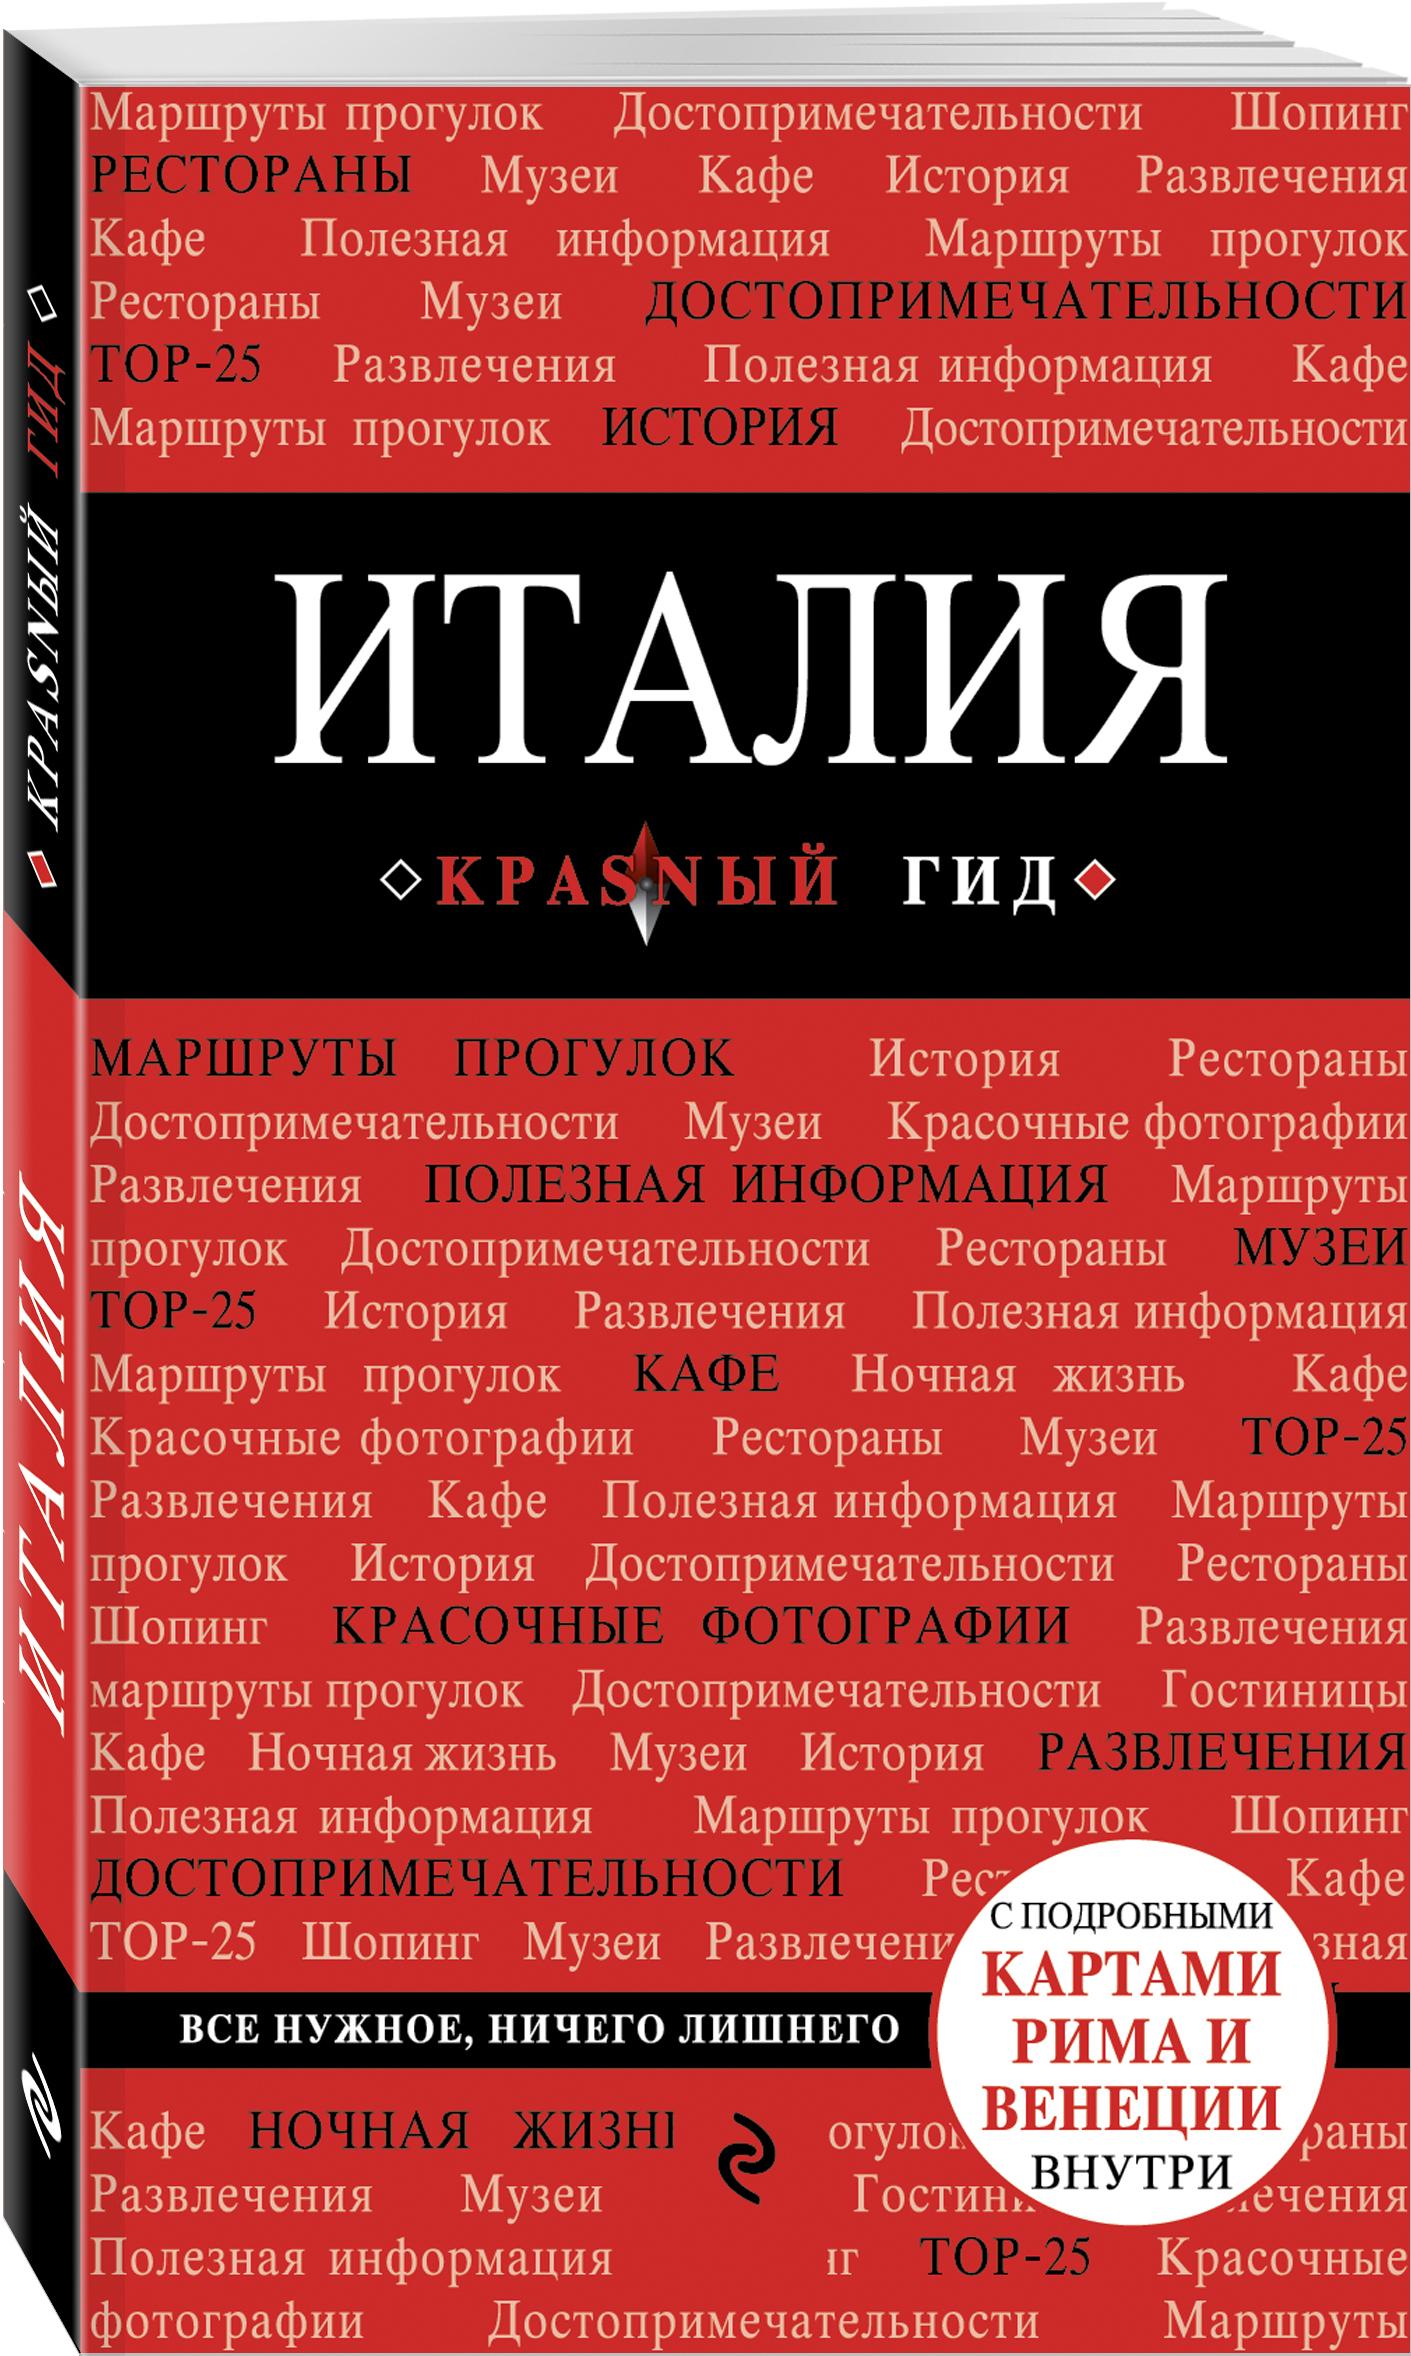 Тимофеев И.В. Италия. 3-е изд. томсон д прогулки по барселоне